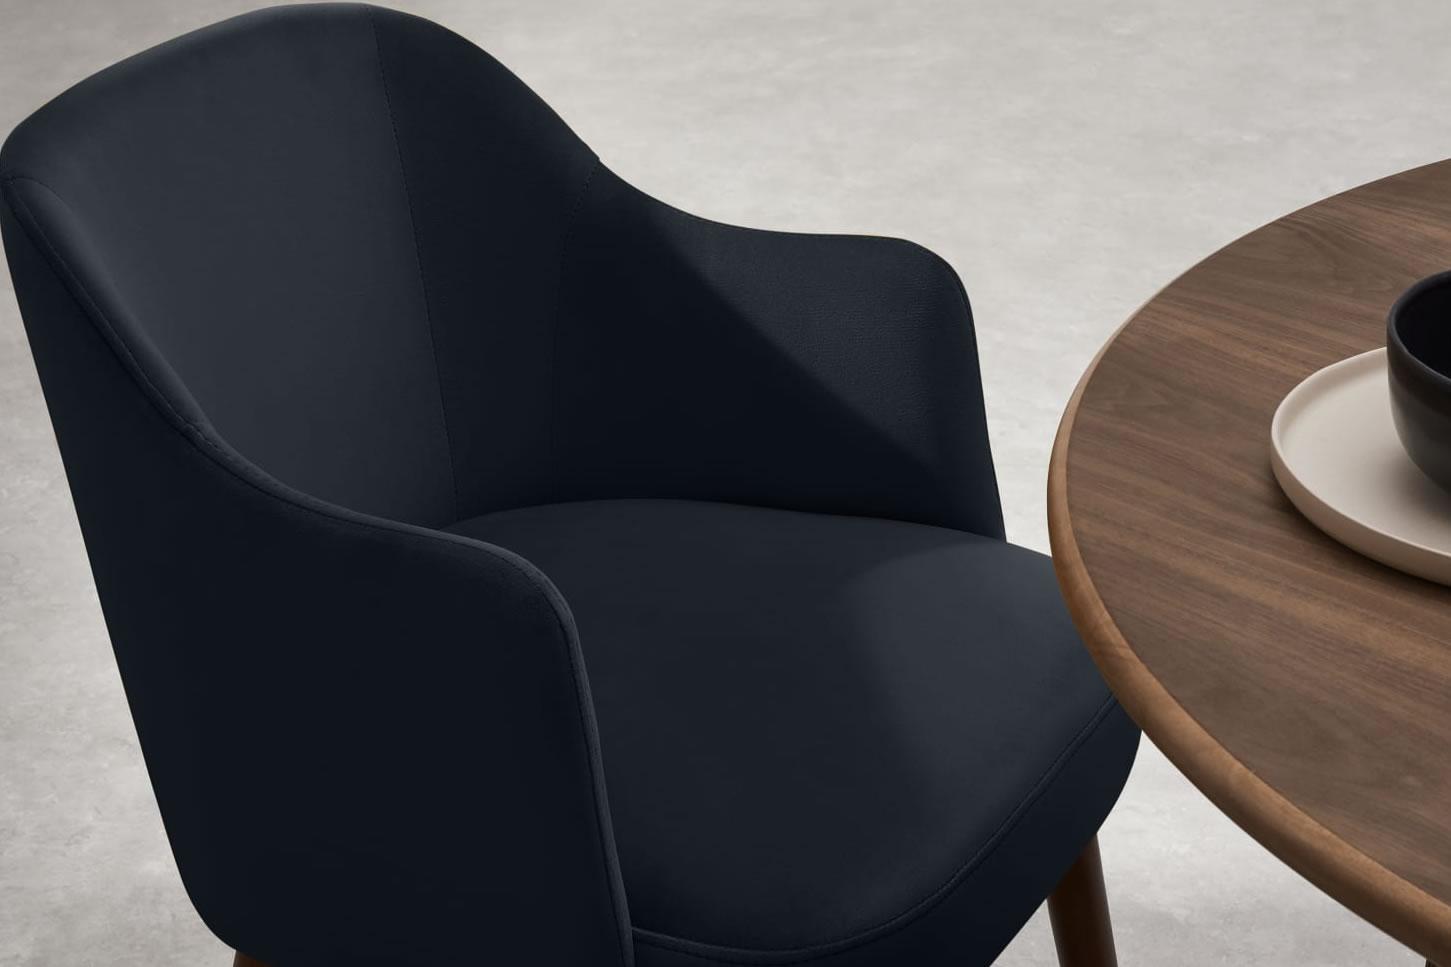 Sandalyeler masaya nasıl ayarlanır?